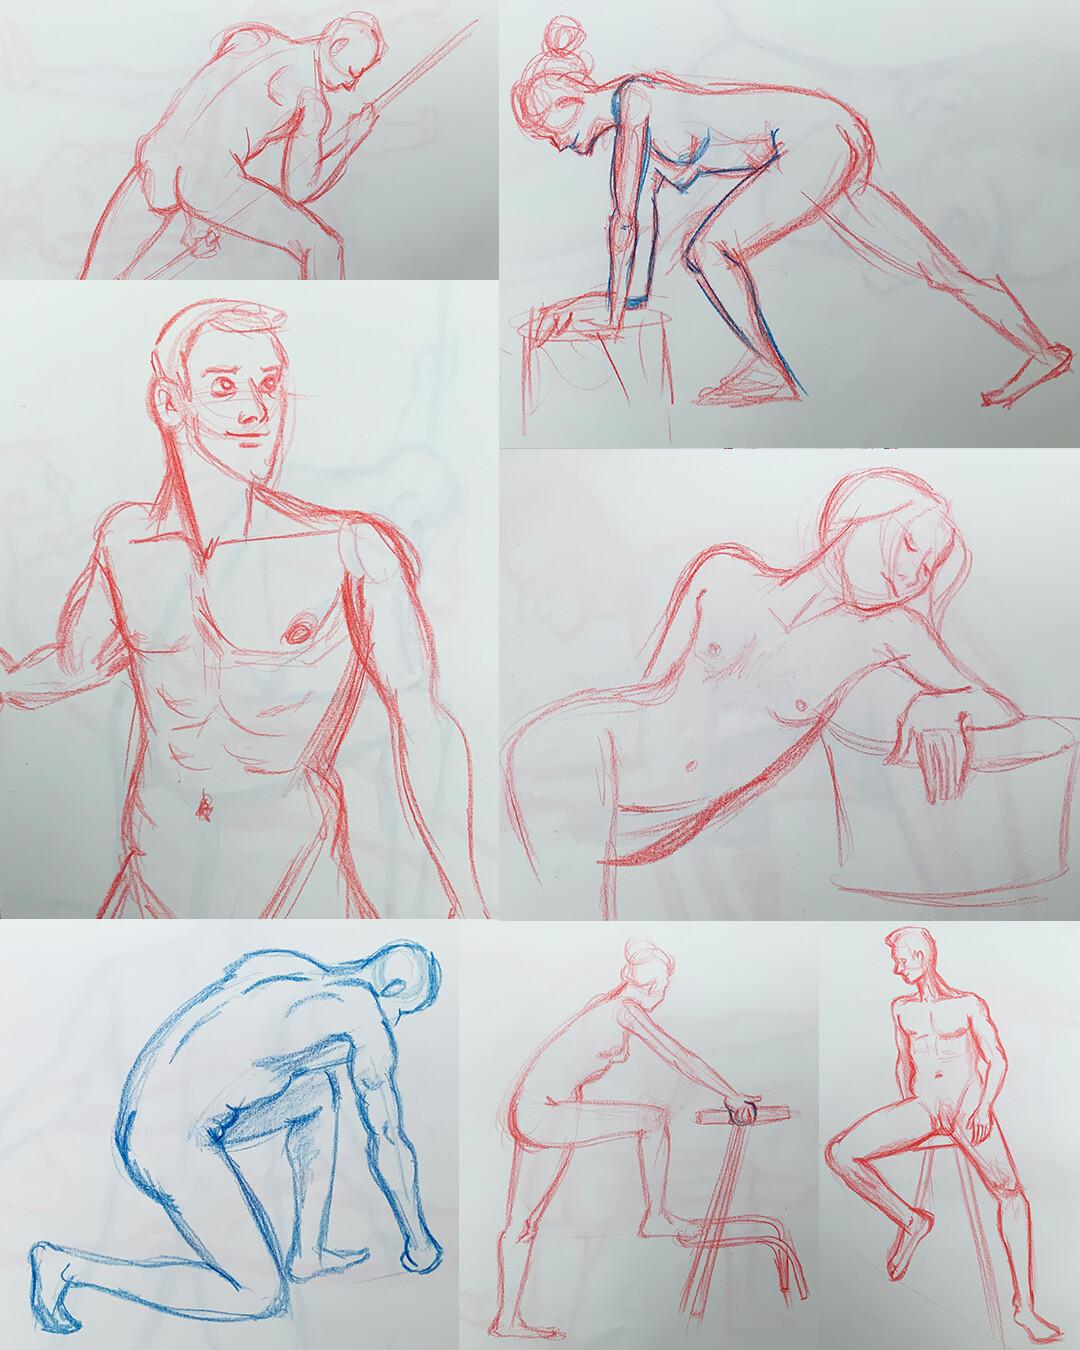 Gesture Drawings IV